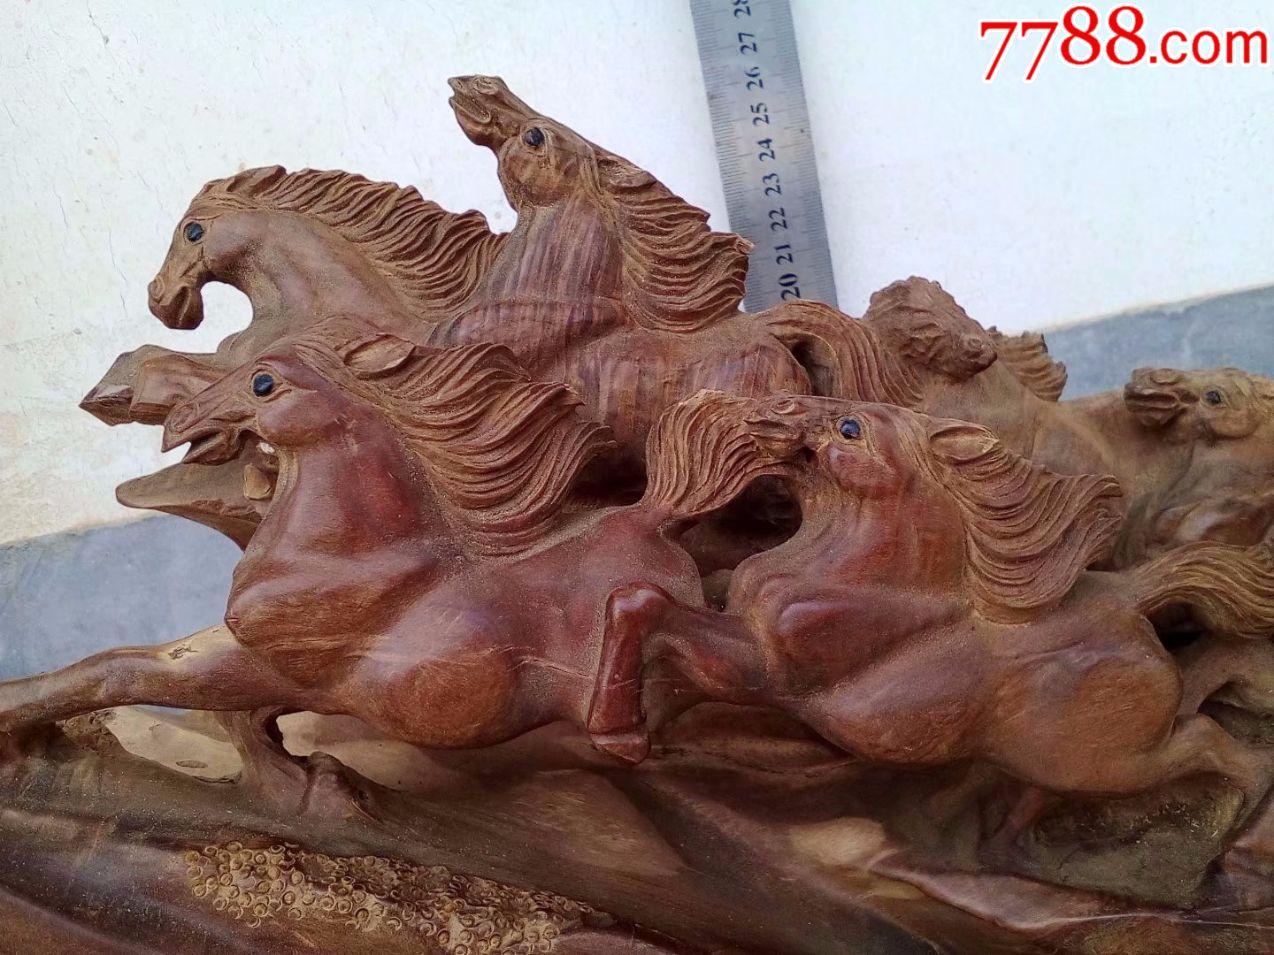 2斤重,檀香榴木雕刻动物花鸟八骏马,纯手工雕刻【木雕佛像与书画】_第